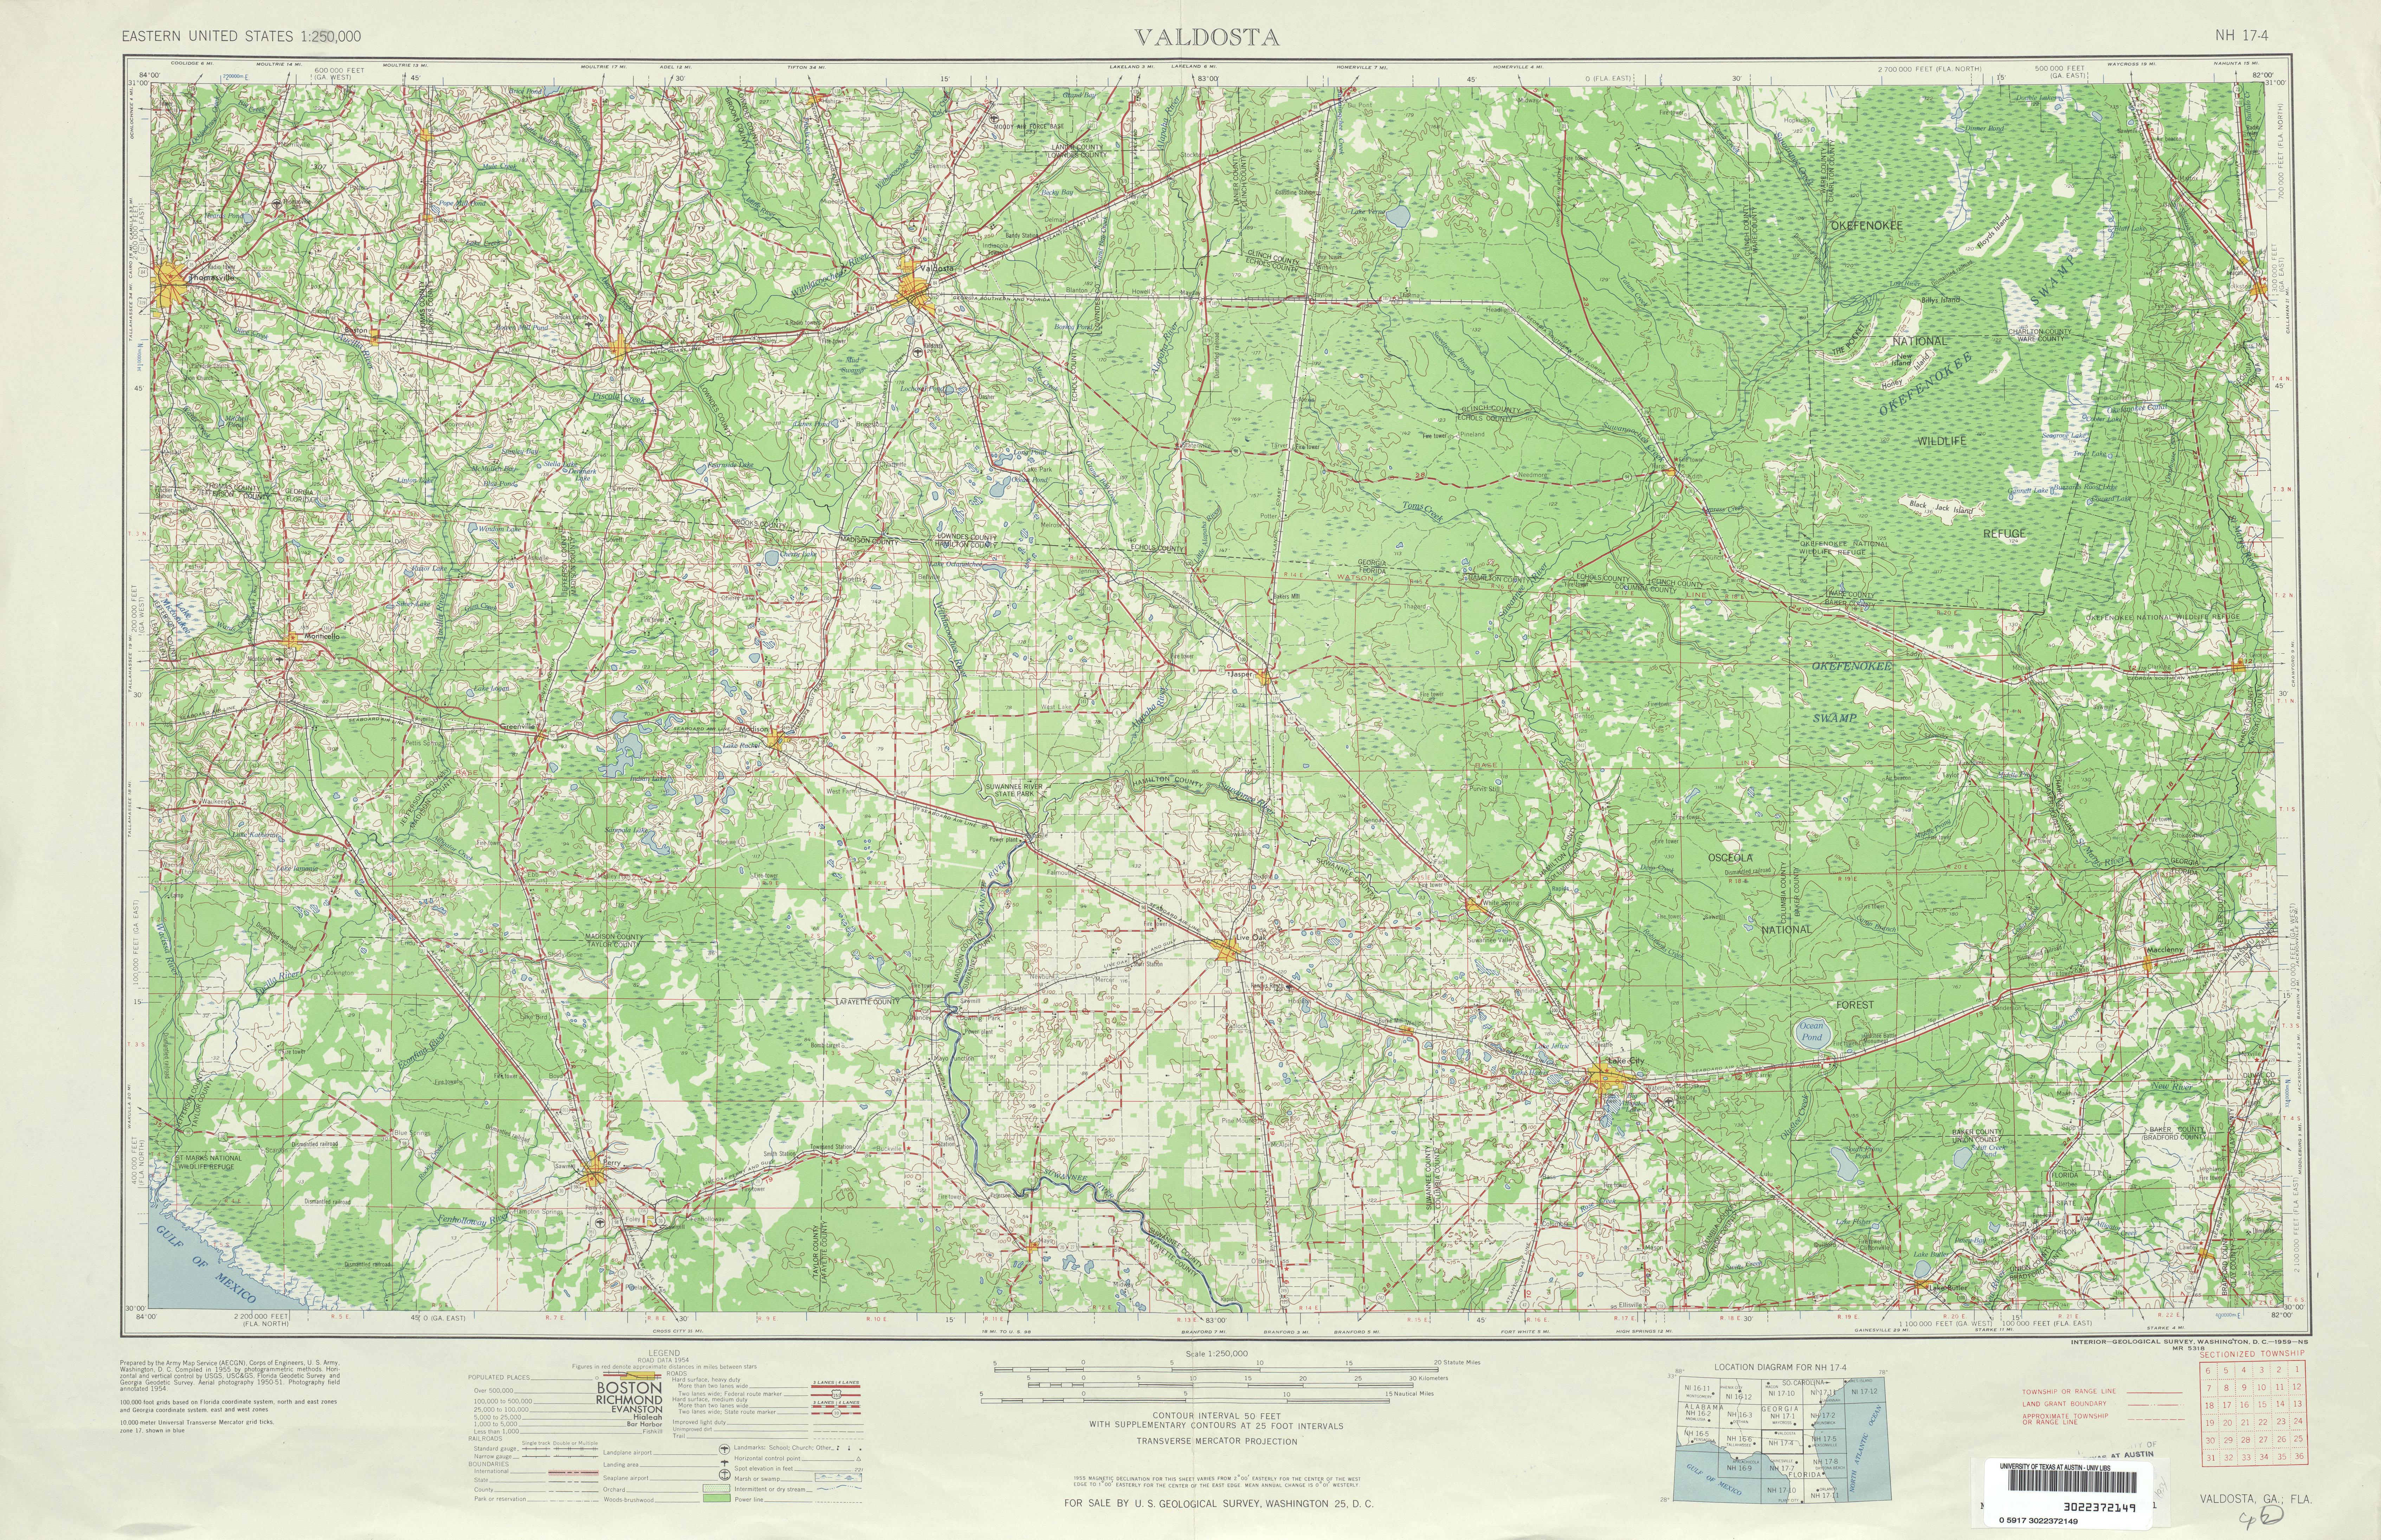 Hoja Valdosta del Mapa Topográfico de los Estados Unidos 1954